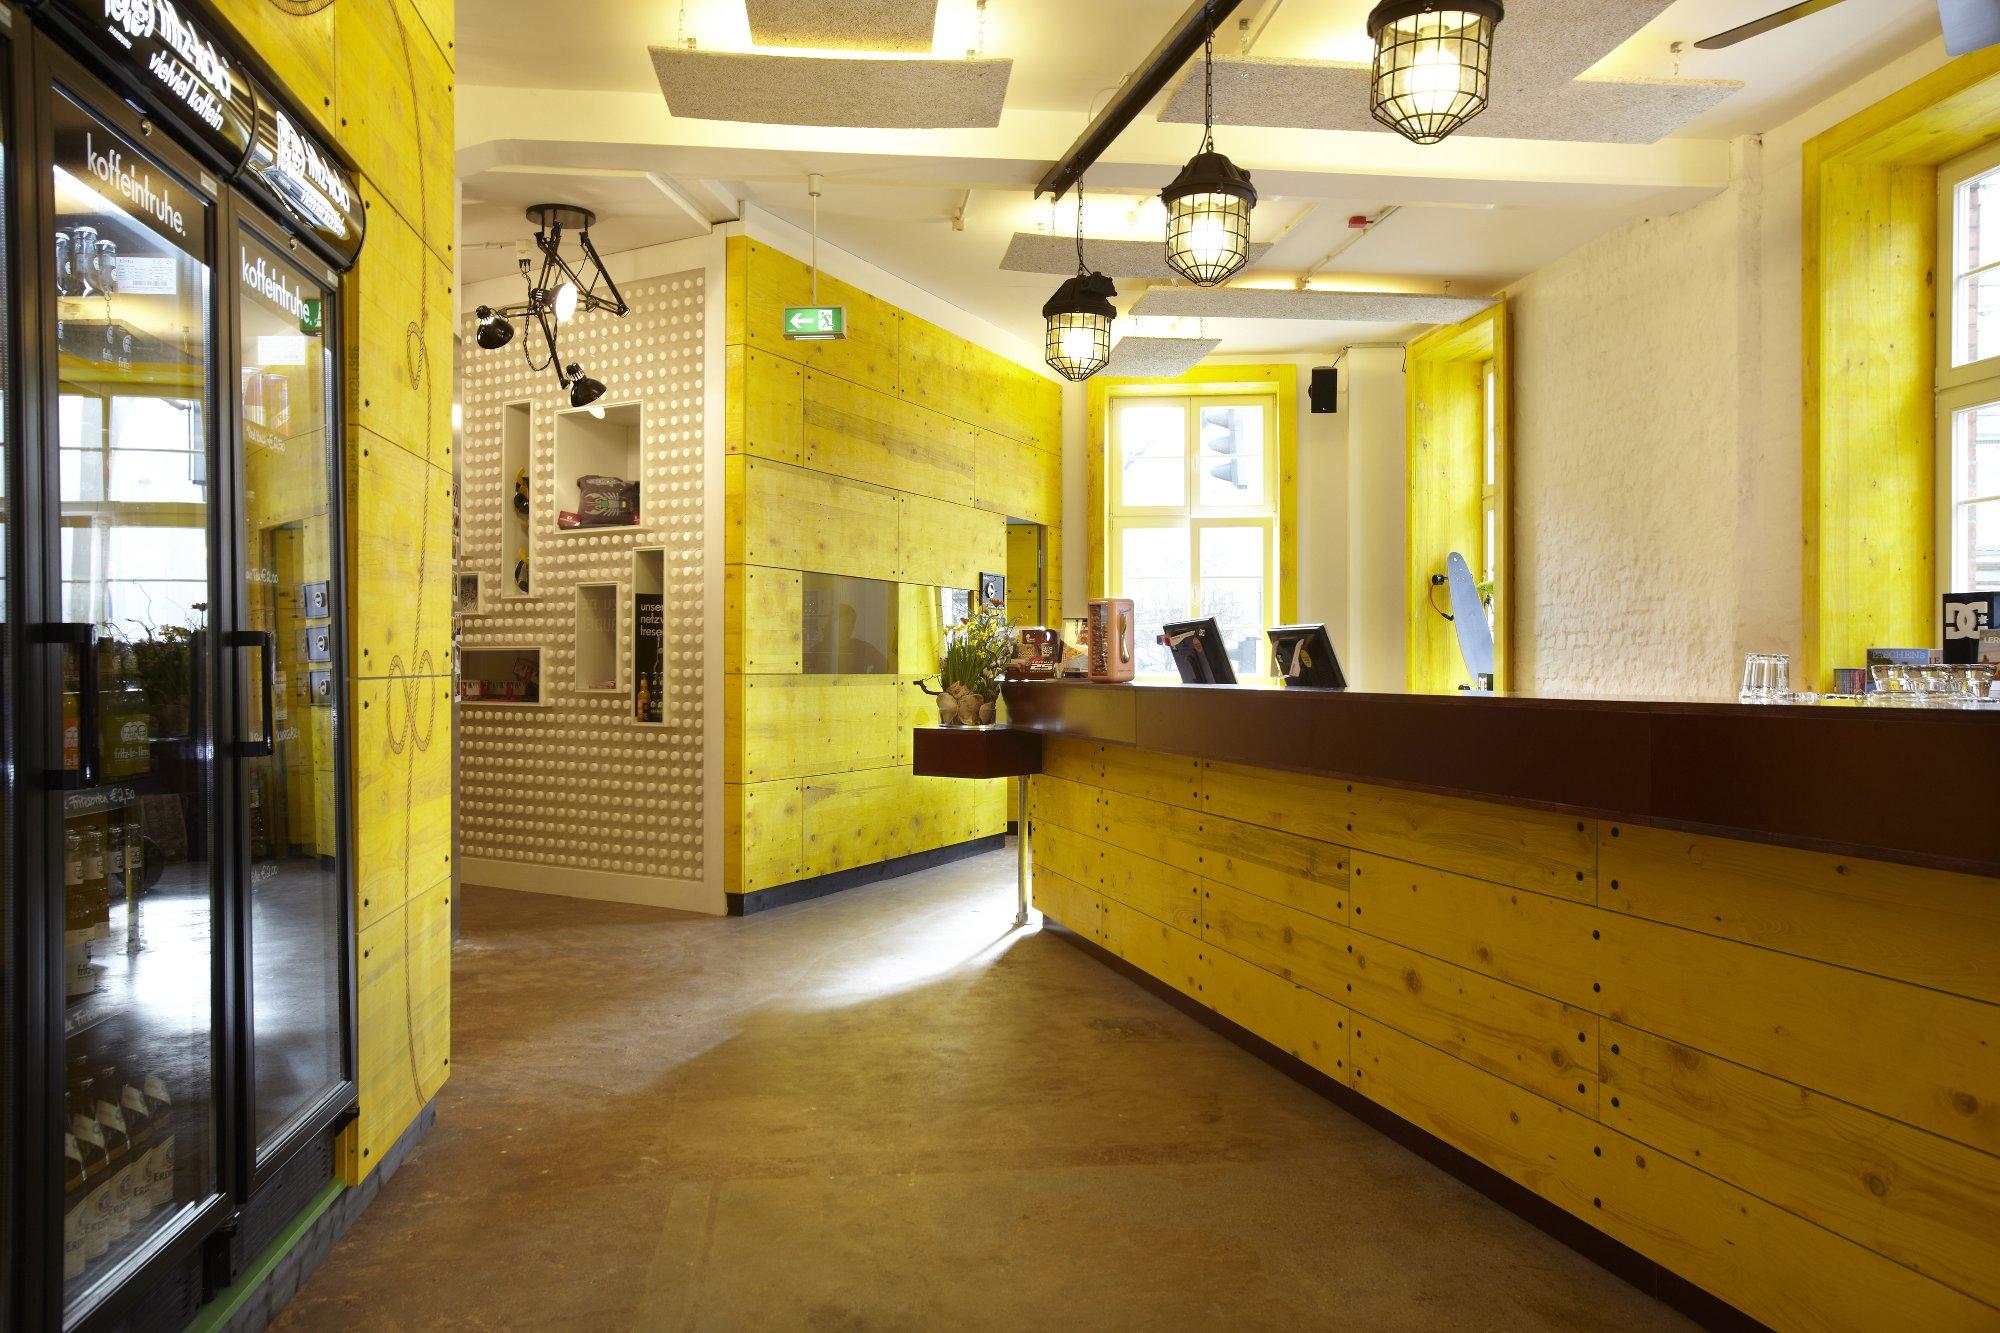 Günstig. stylisch und mit dem gewissen Etwas – die Superbude in Hamburg ist definitiv einen Besuch wert!